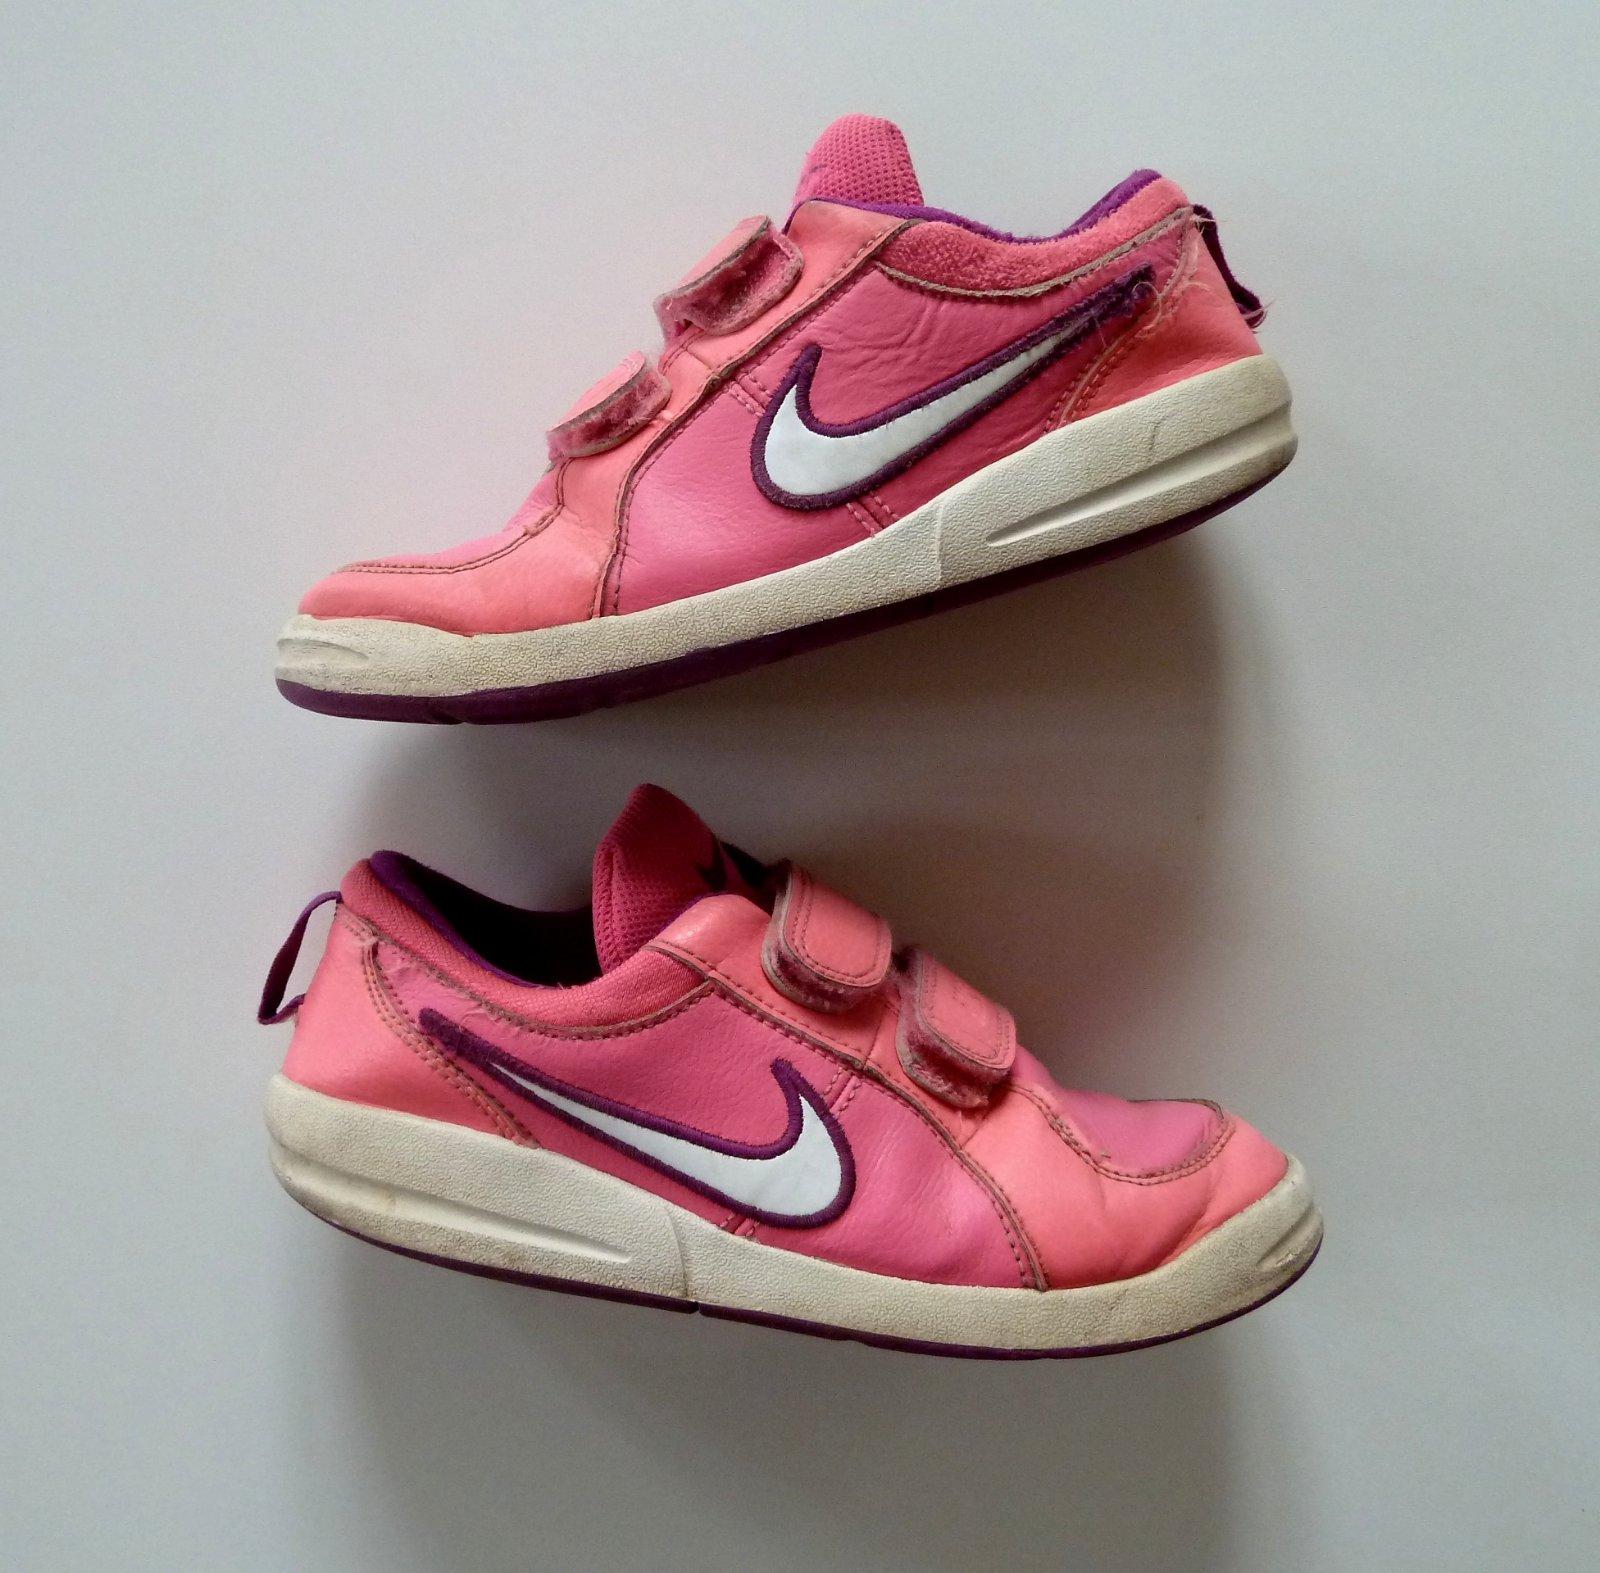 Zobraz celé podmínky. Sportovní boty tenisky zn. nike ... 3cce34baf0